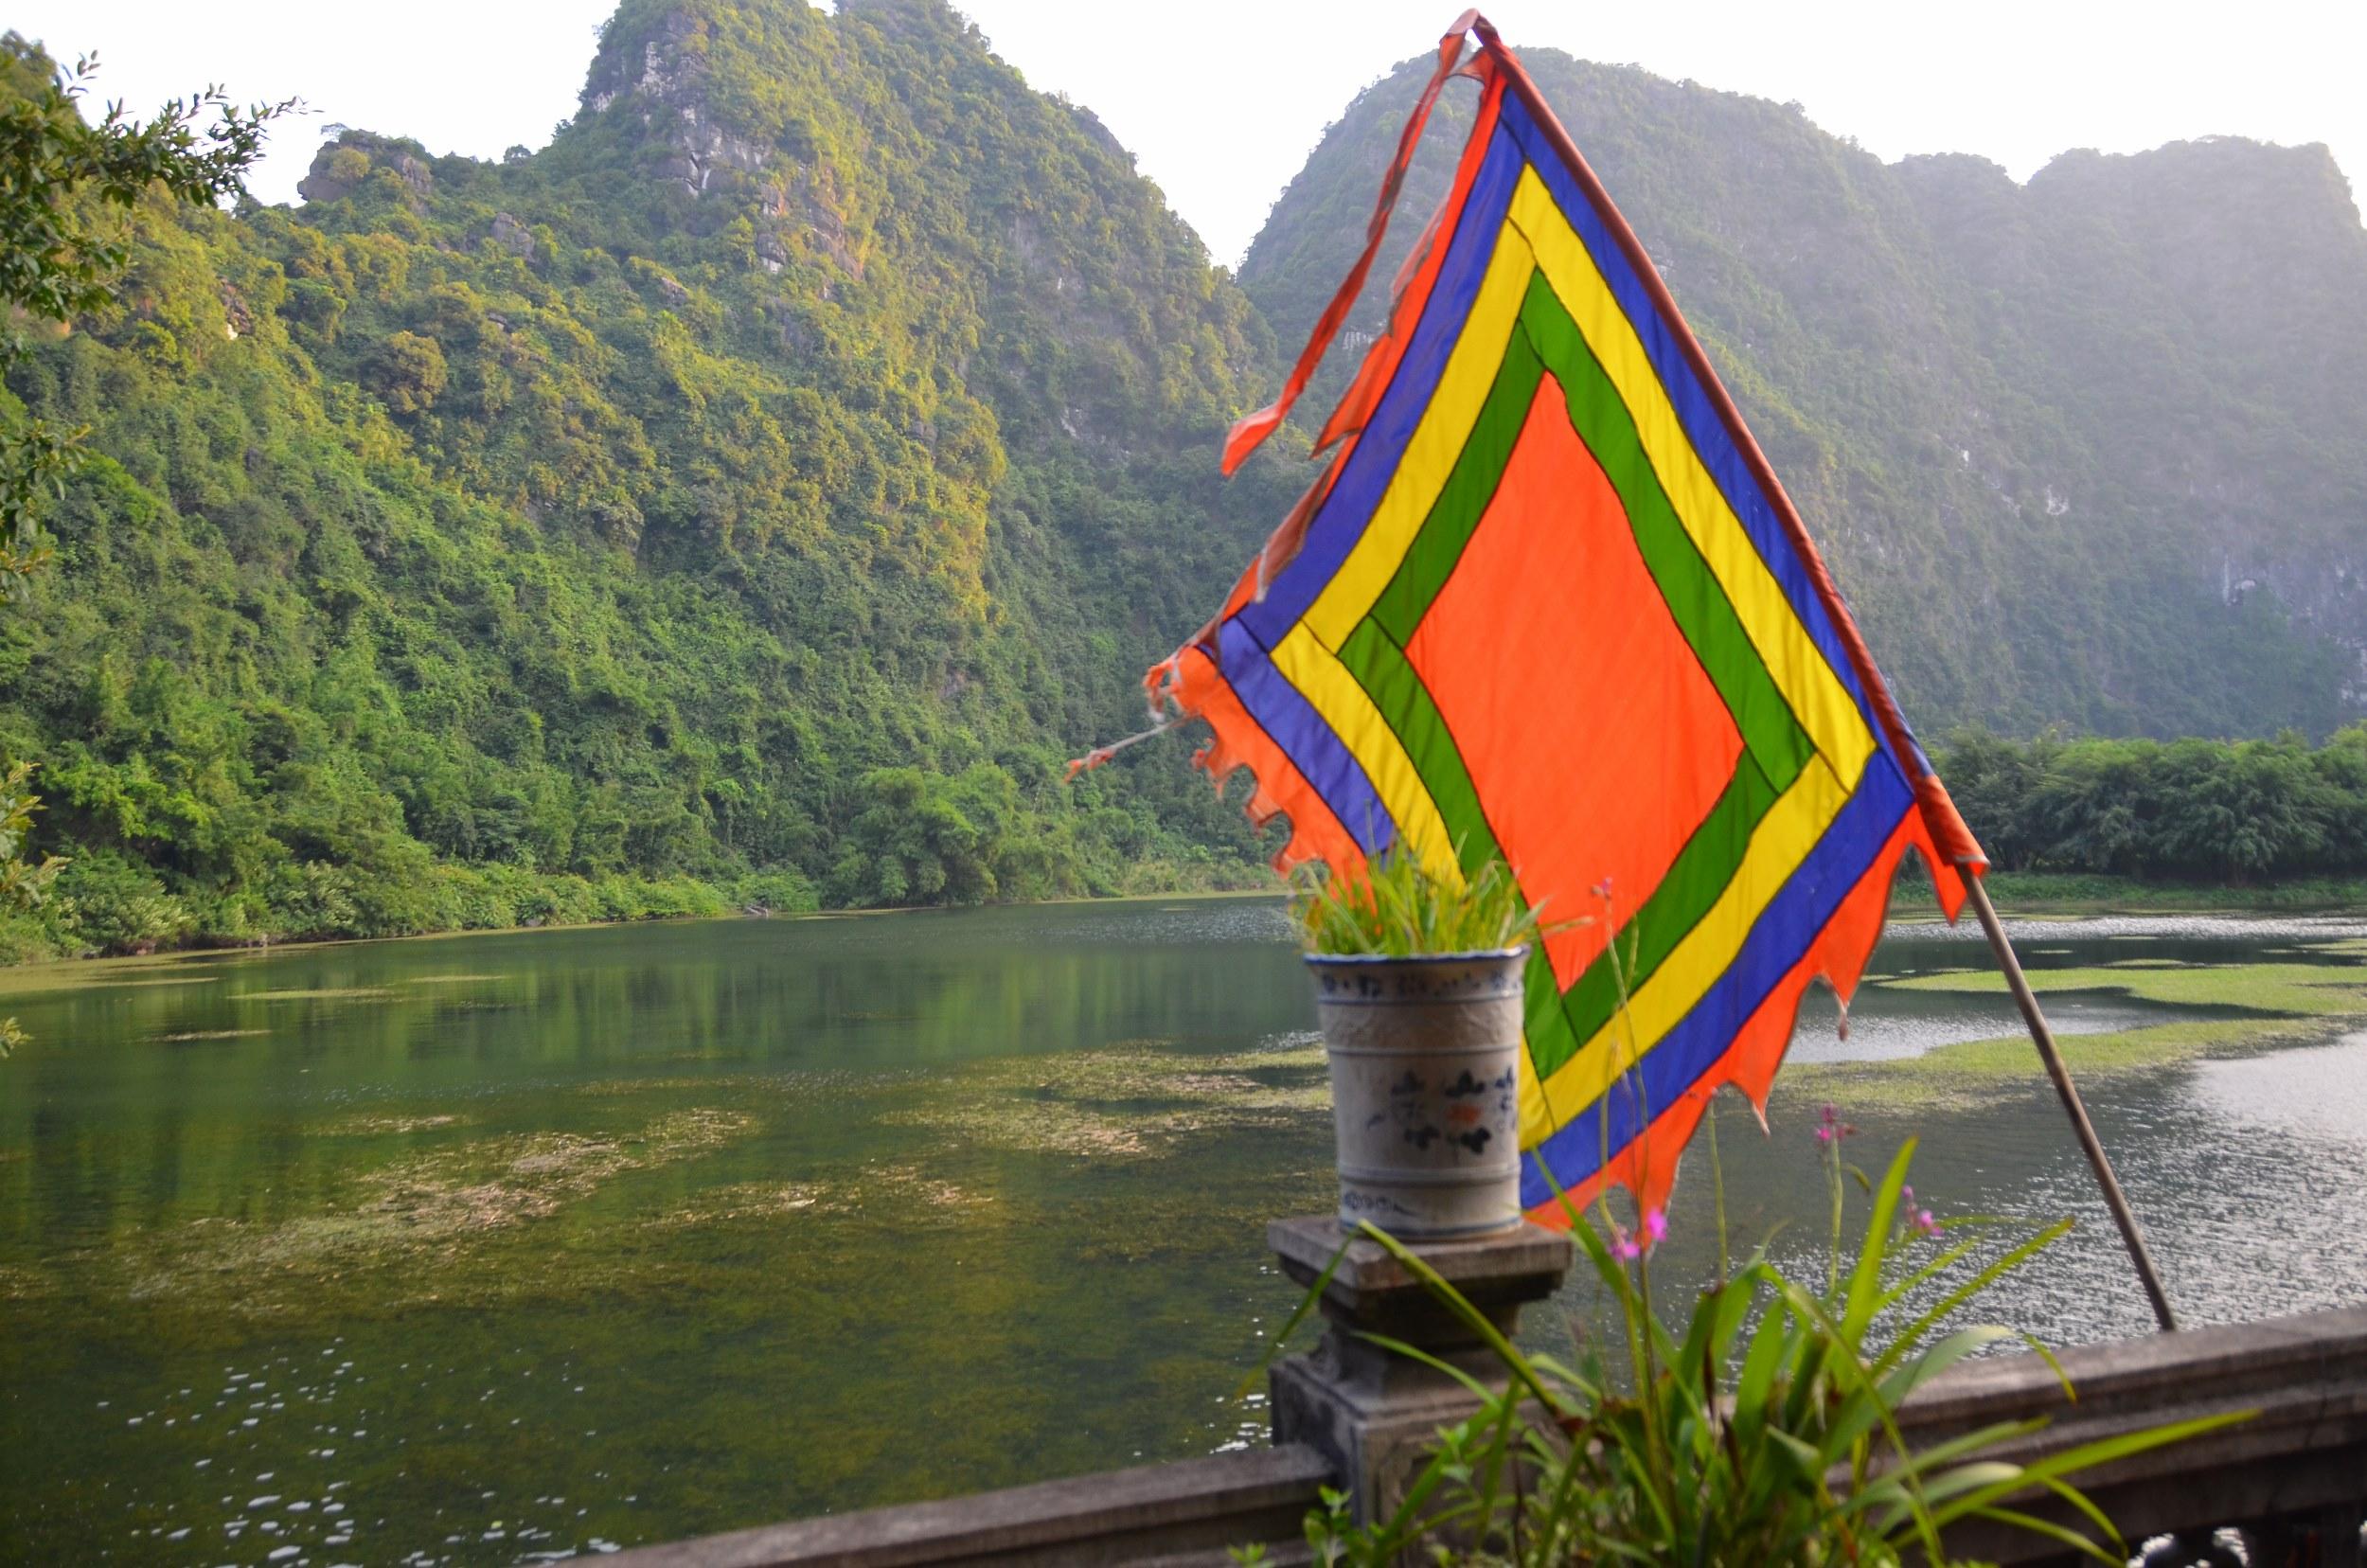 bandeira, budismo, templo, tam coc, trang an, vietnam, quadrada